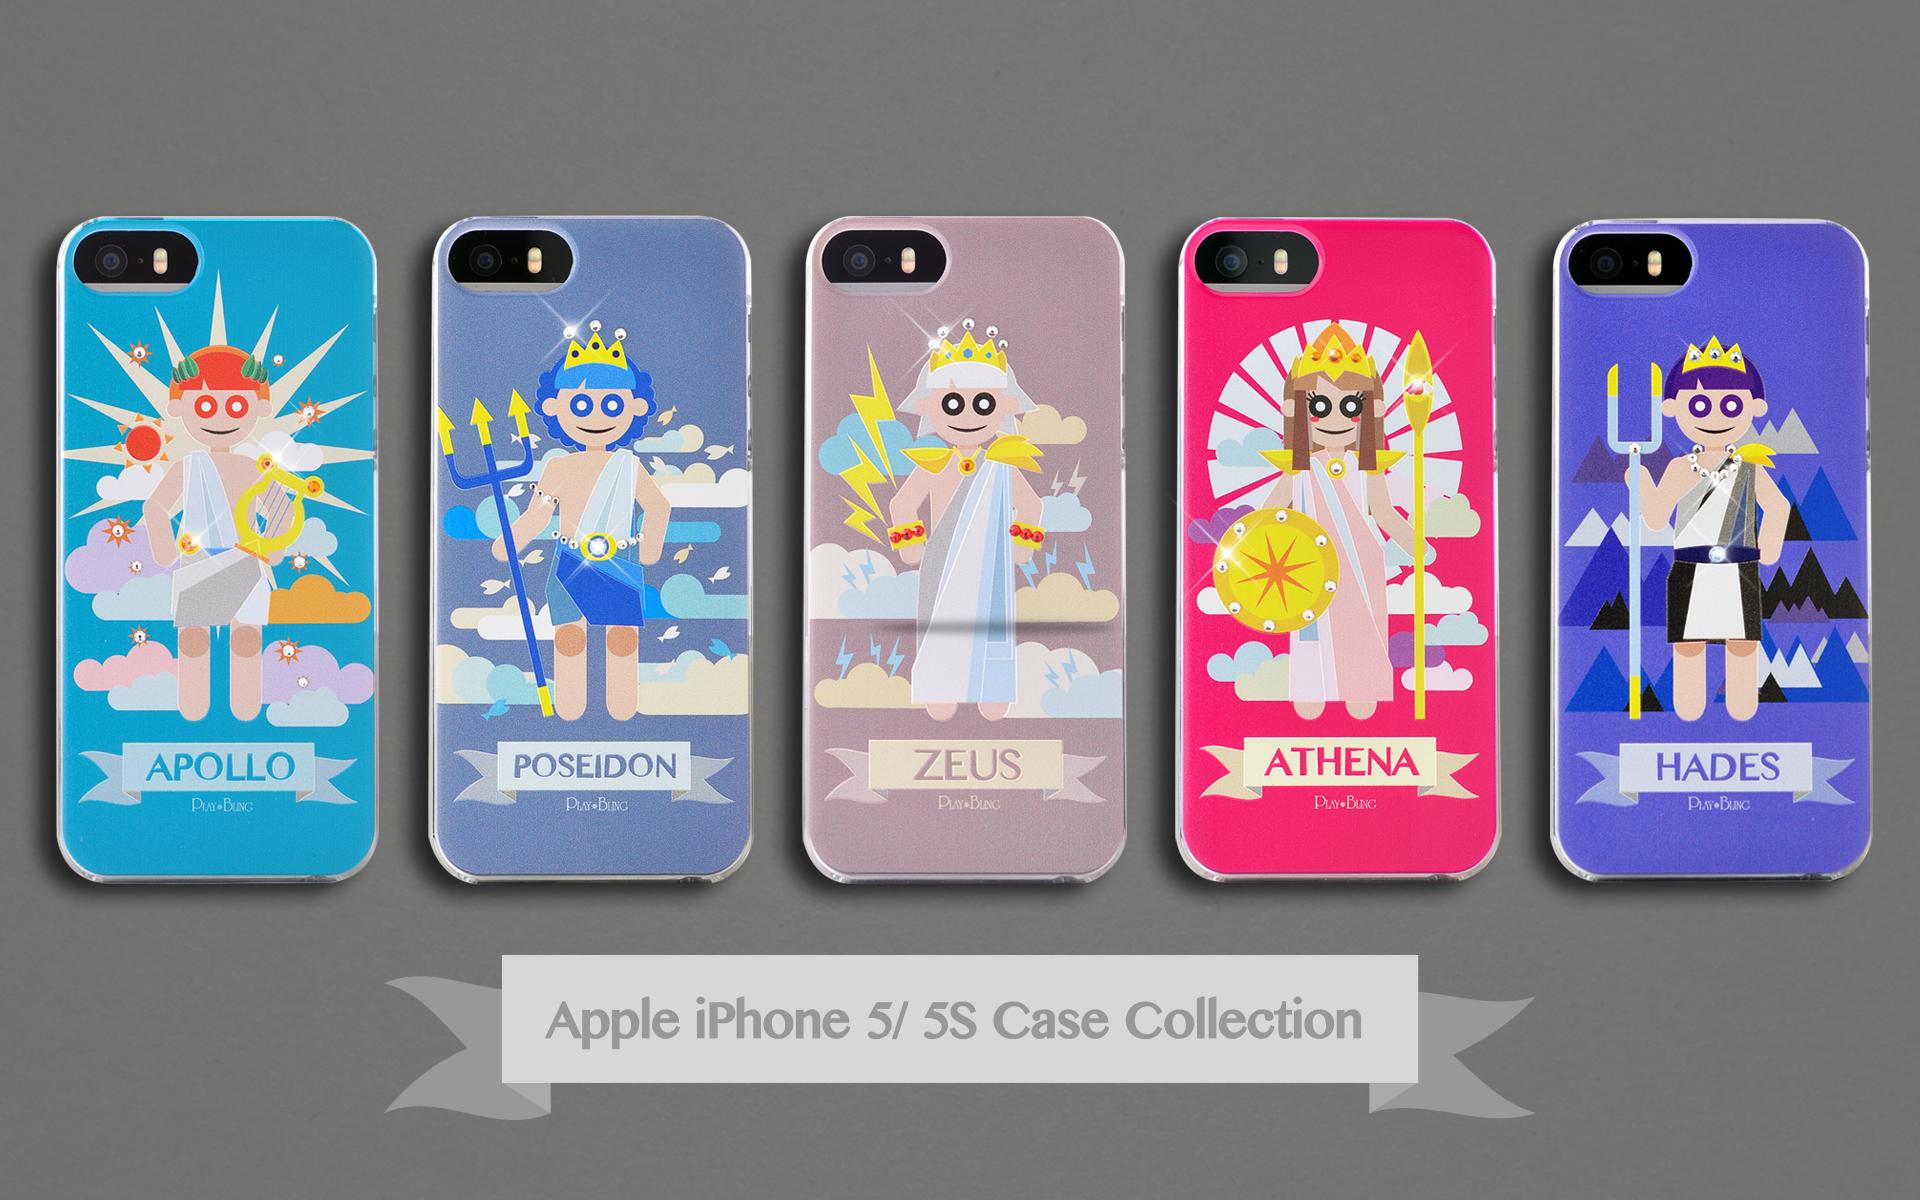 Greek Mythology Phone case Collection